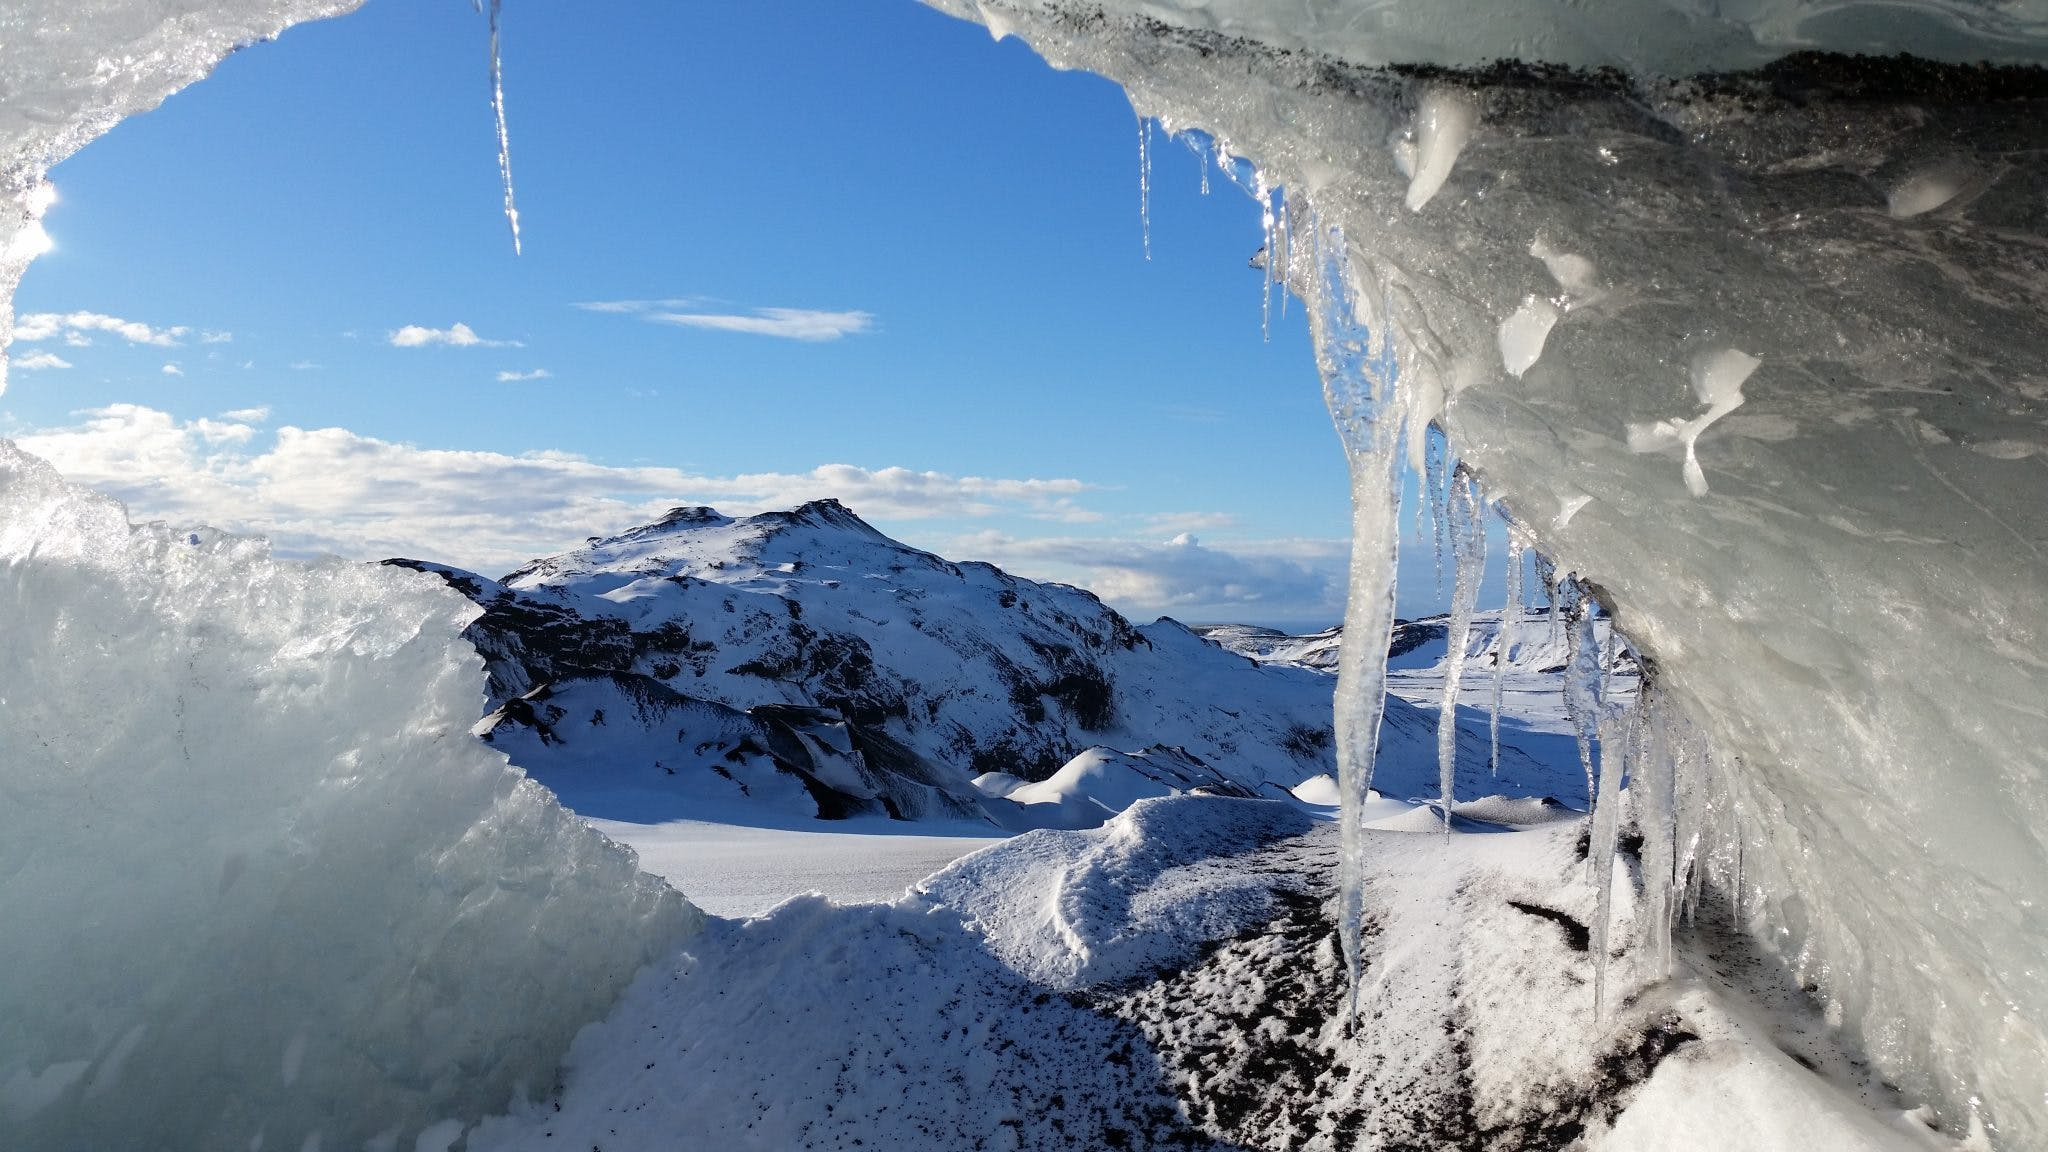 Explorez une authentique grotte de glace sur la côte sud avec ce combo à prix réduit.